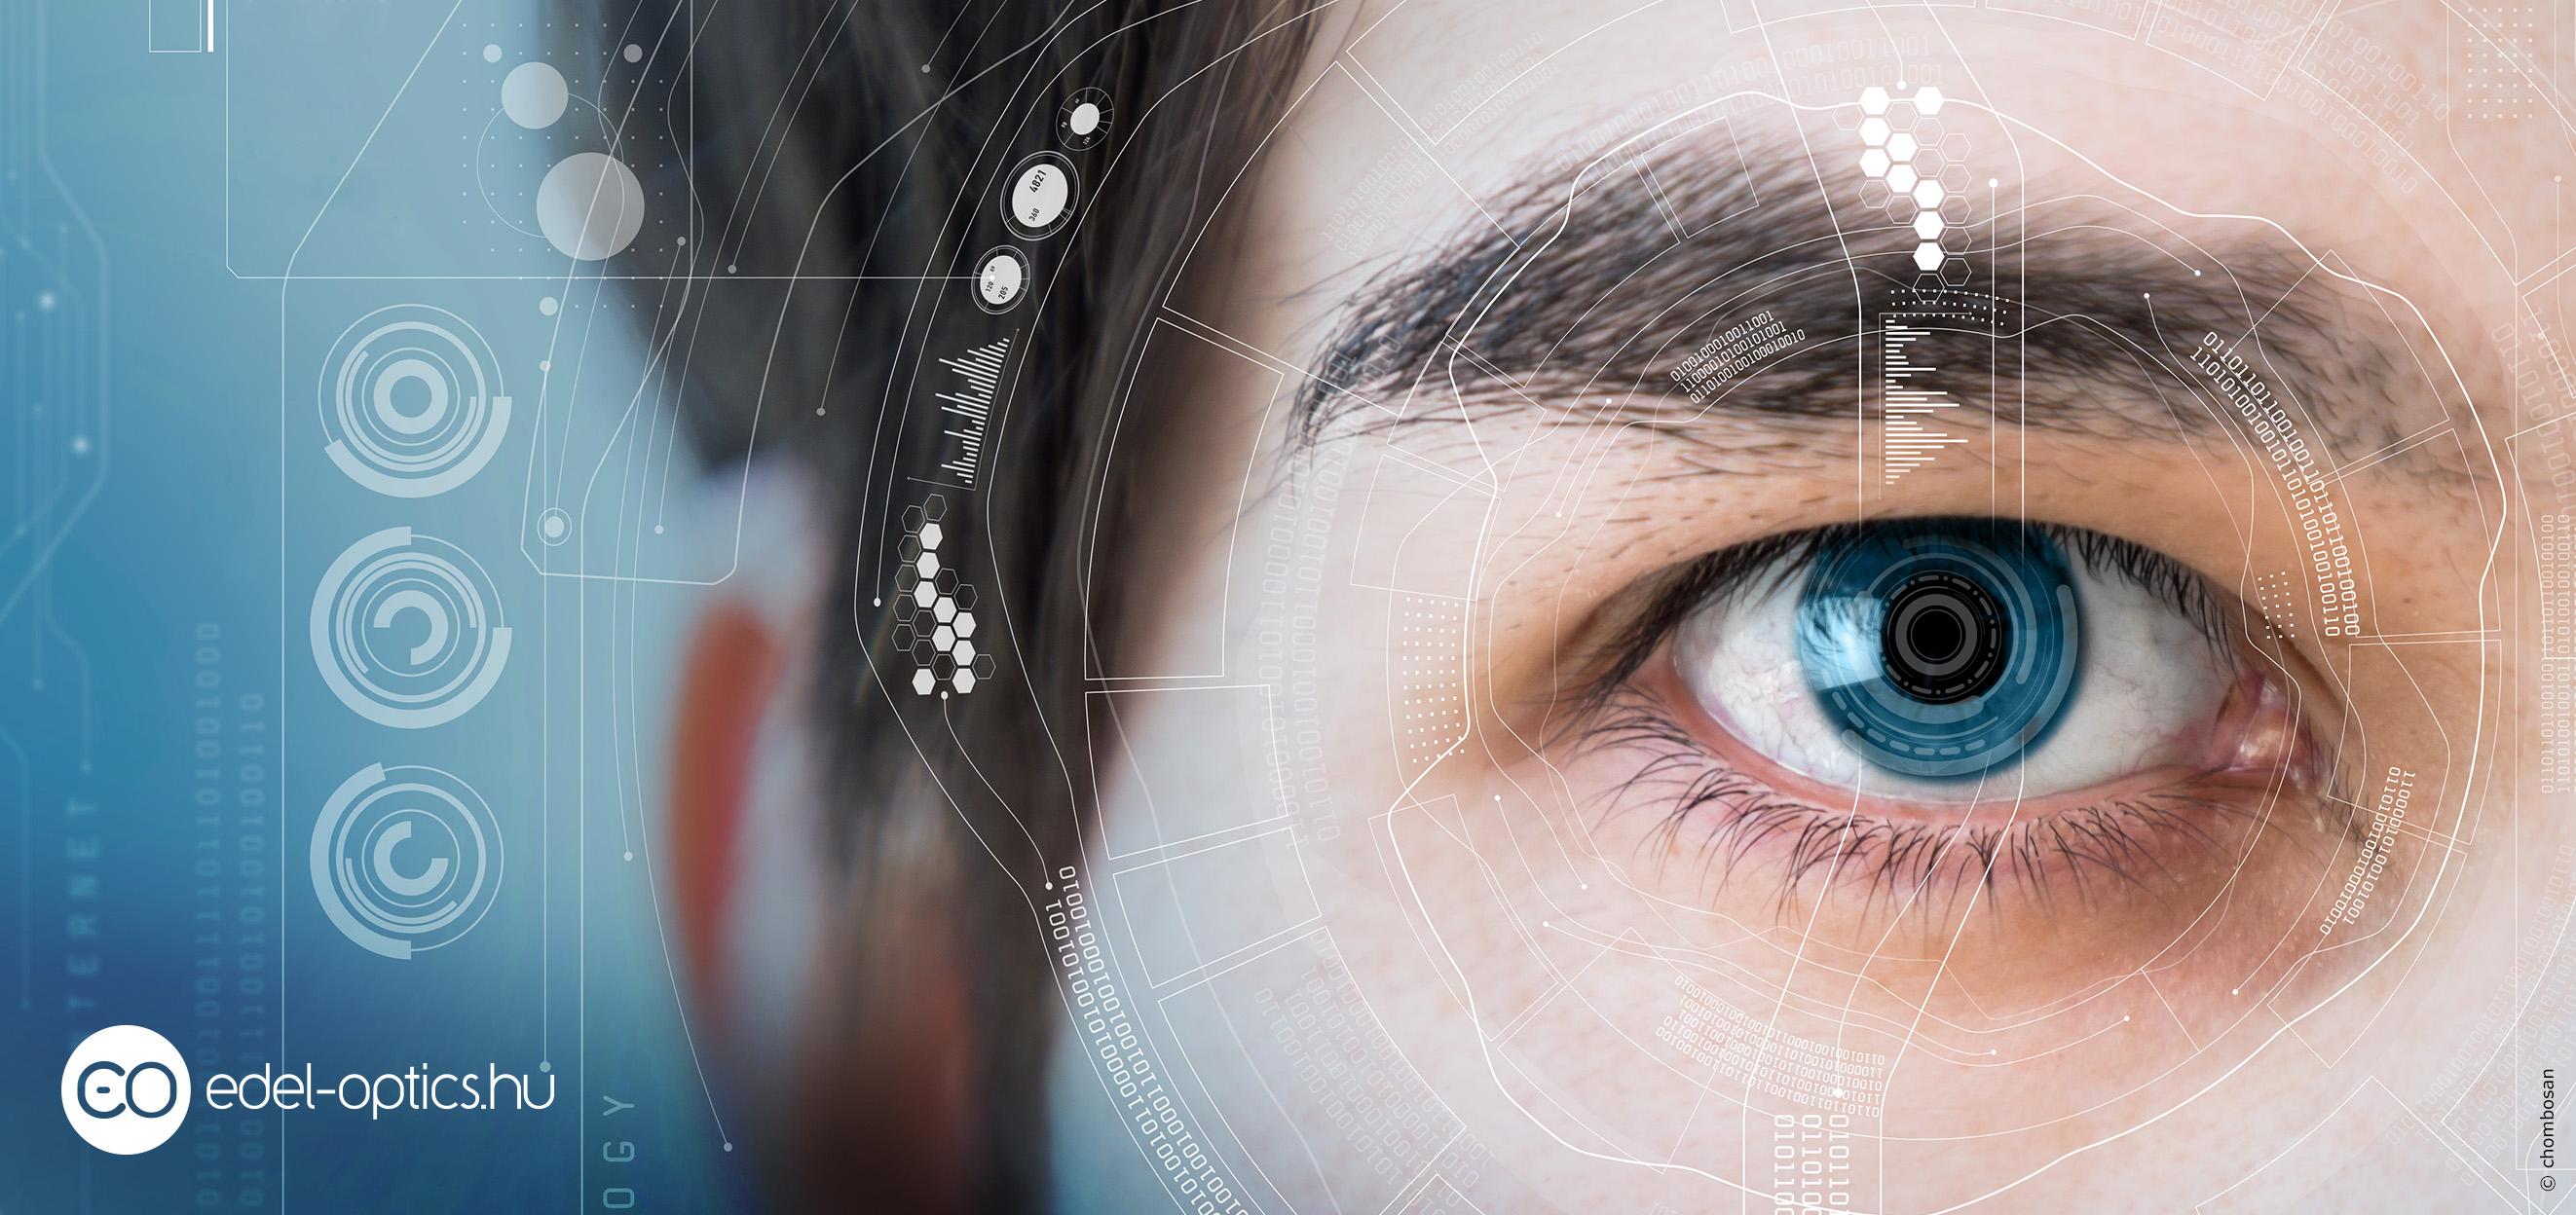 szem látási probléma